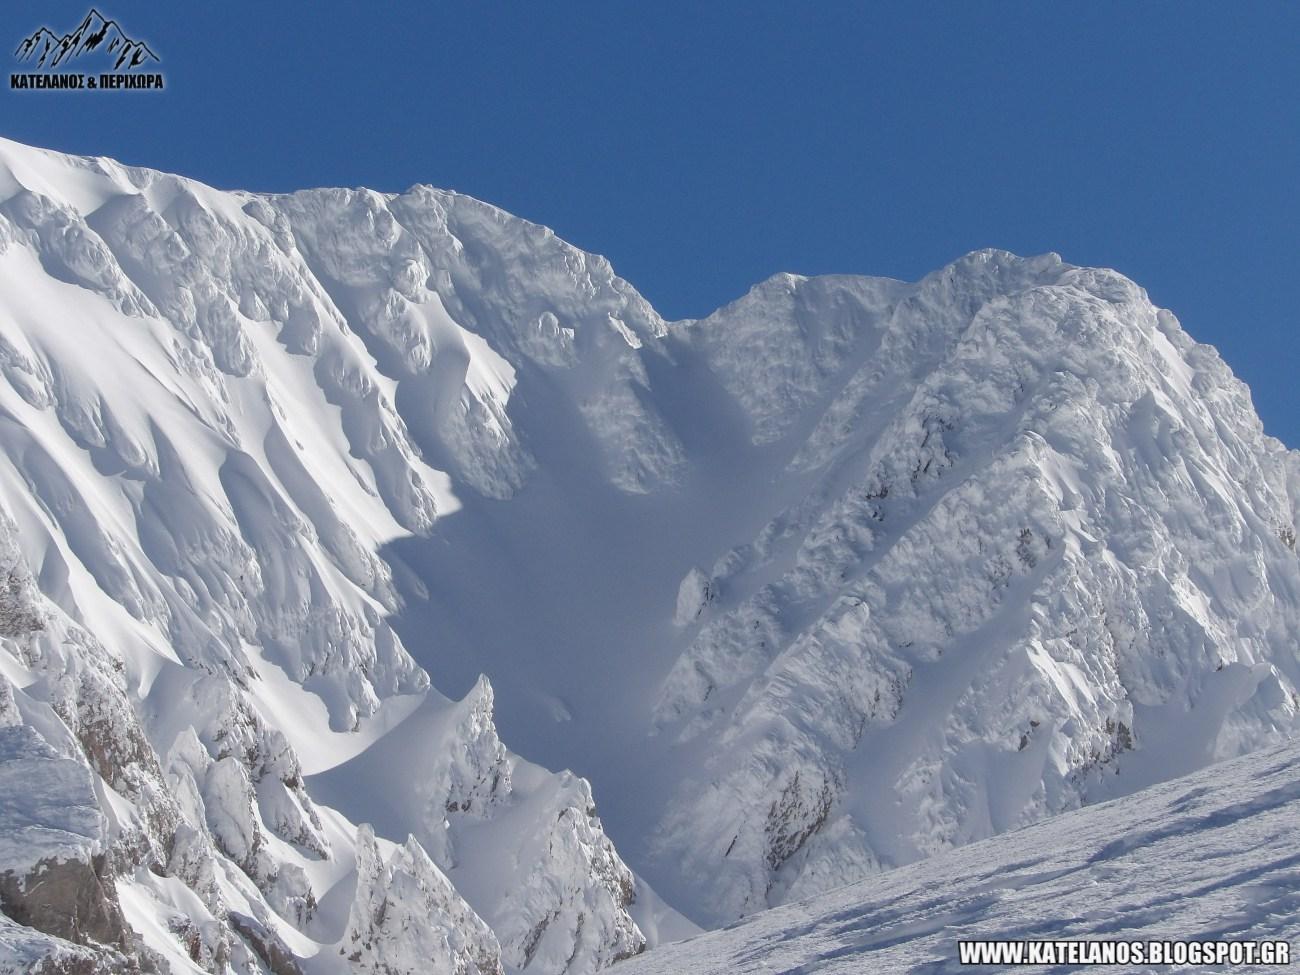 ψηλη κορυφη βελουχι τυμφρηστός ευρυτανια χιονια